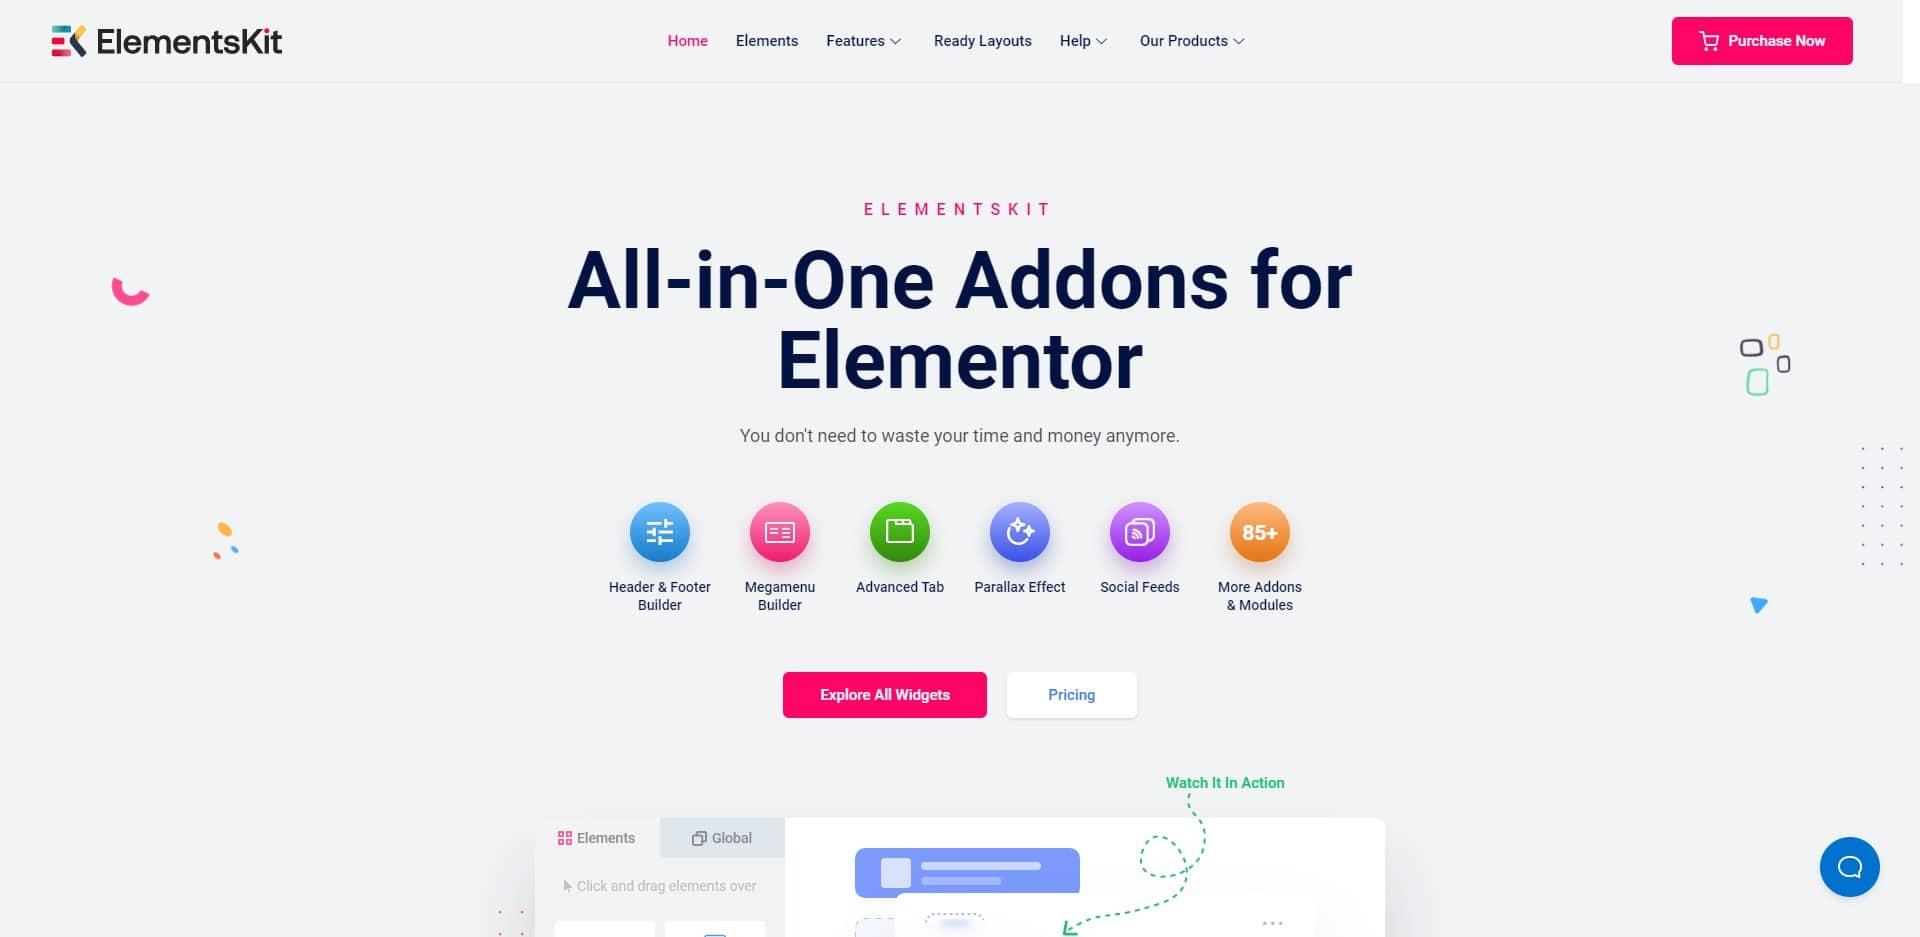 ElementsKits addons